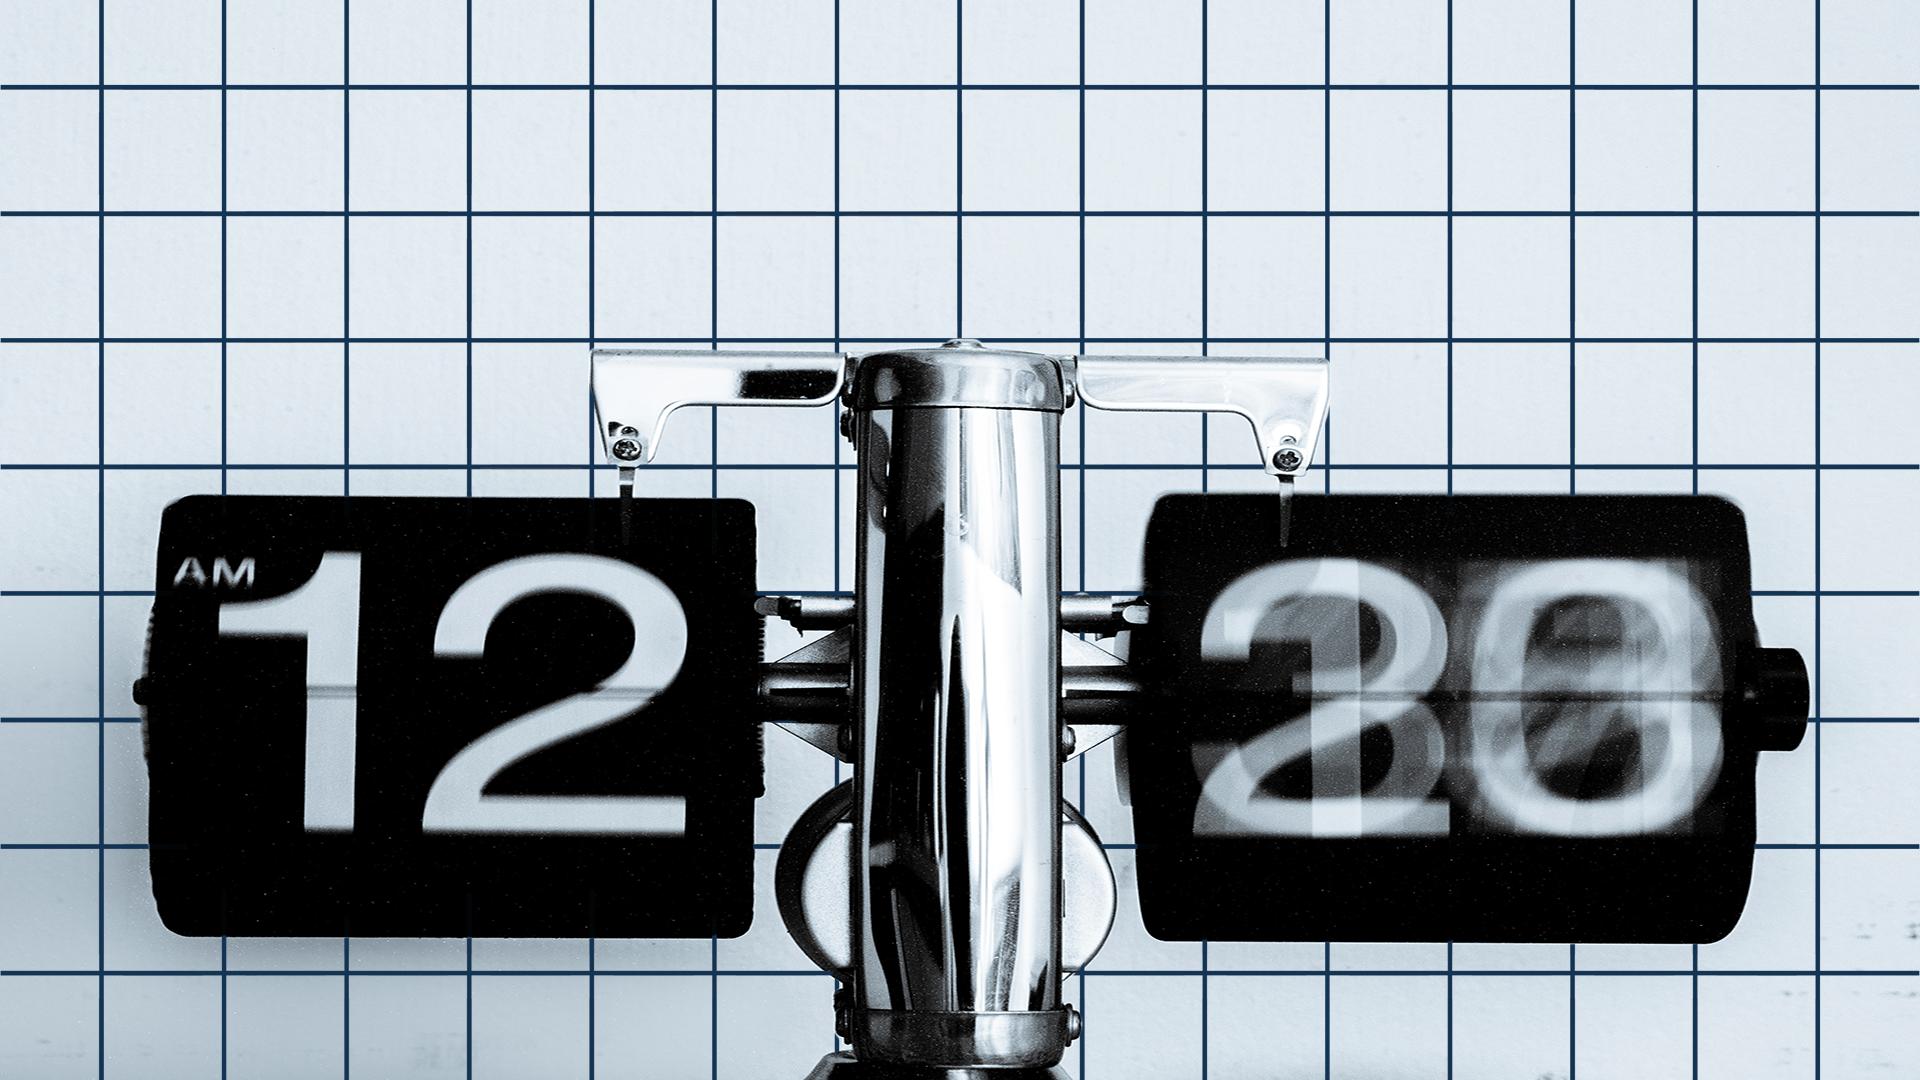 Ondersteuning voor blogbericht over beste tijdstippen om te posten op sociale media